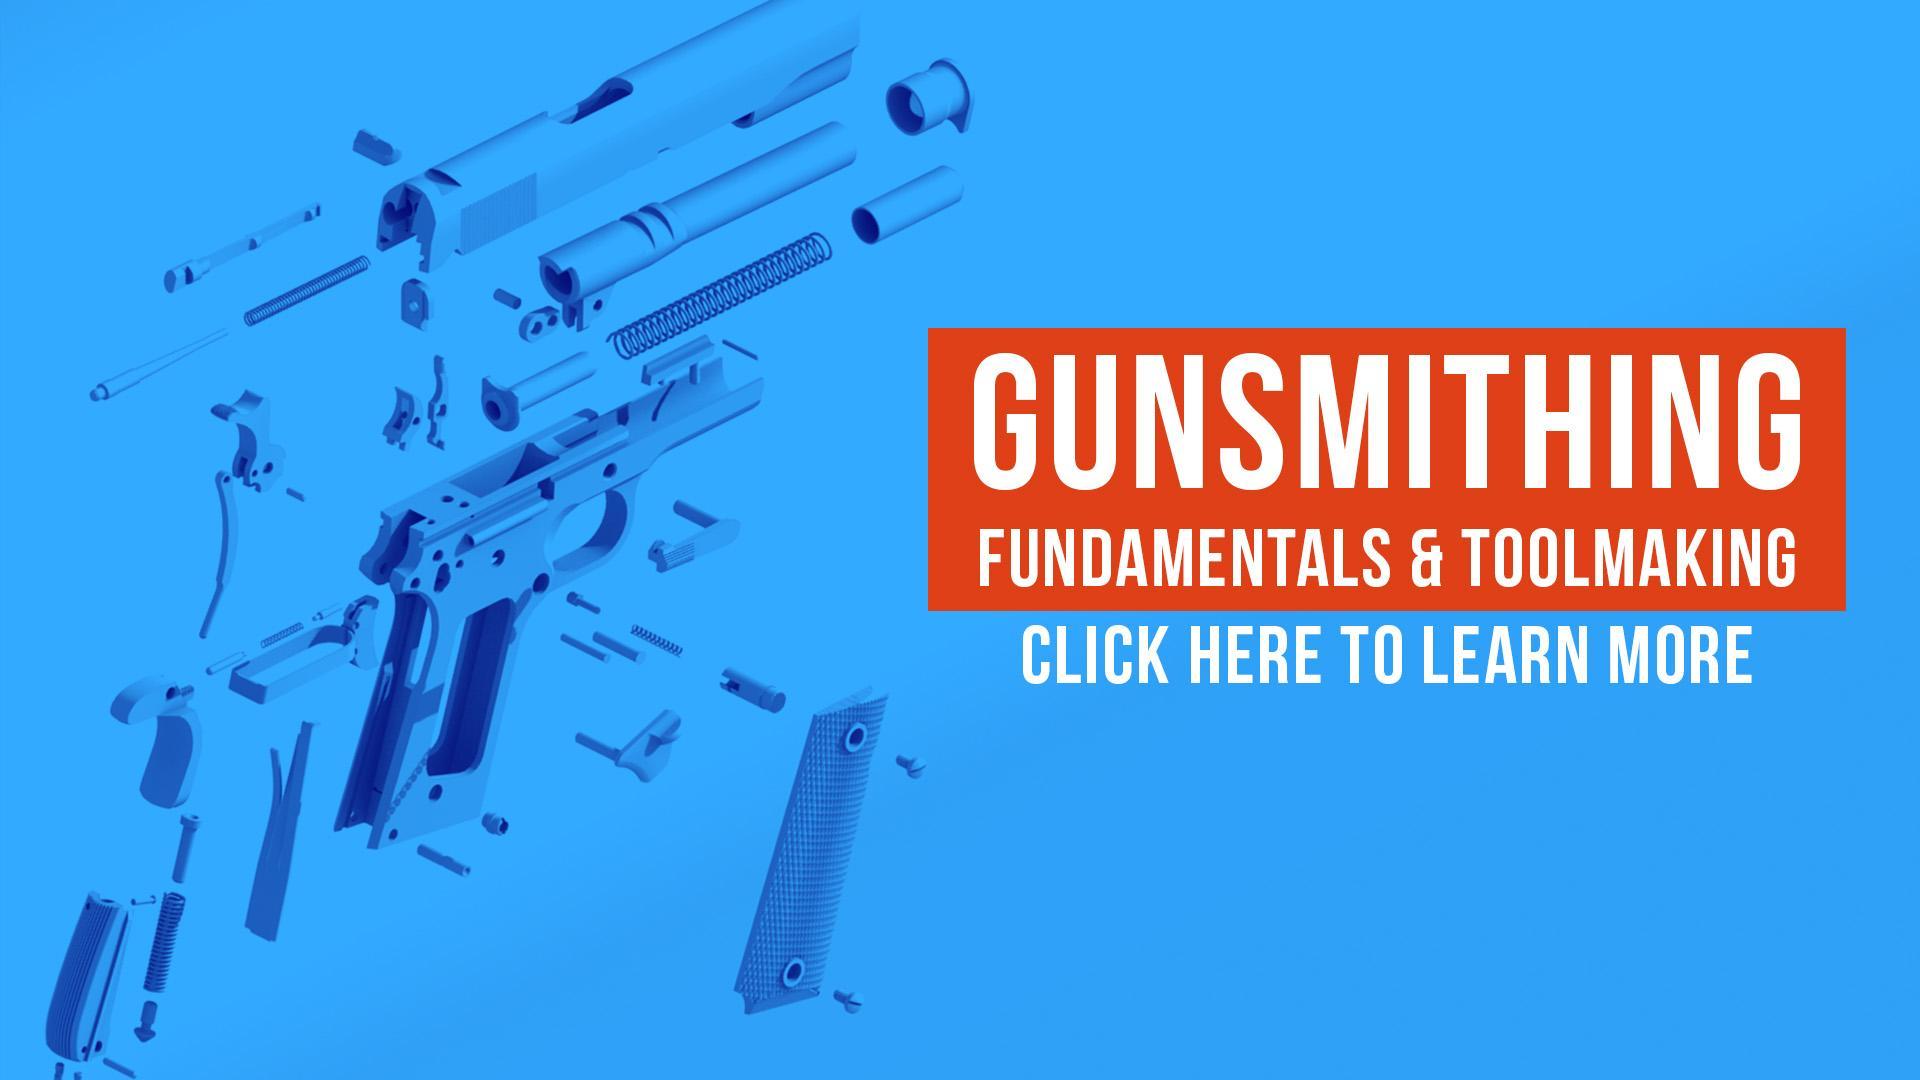 Gunsmithing Fundamentals & Tool making